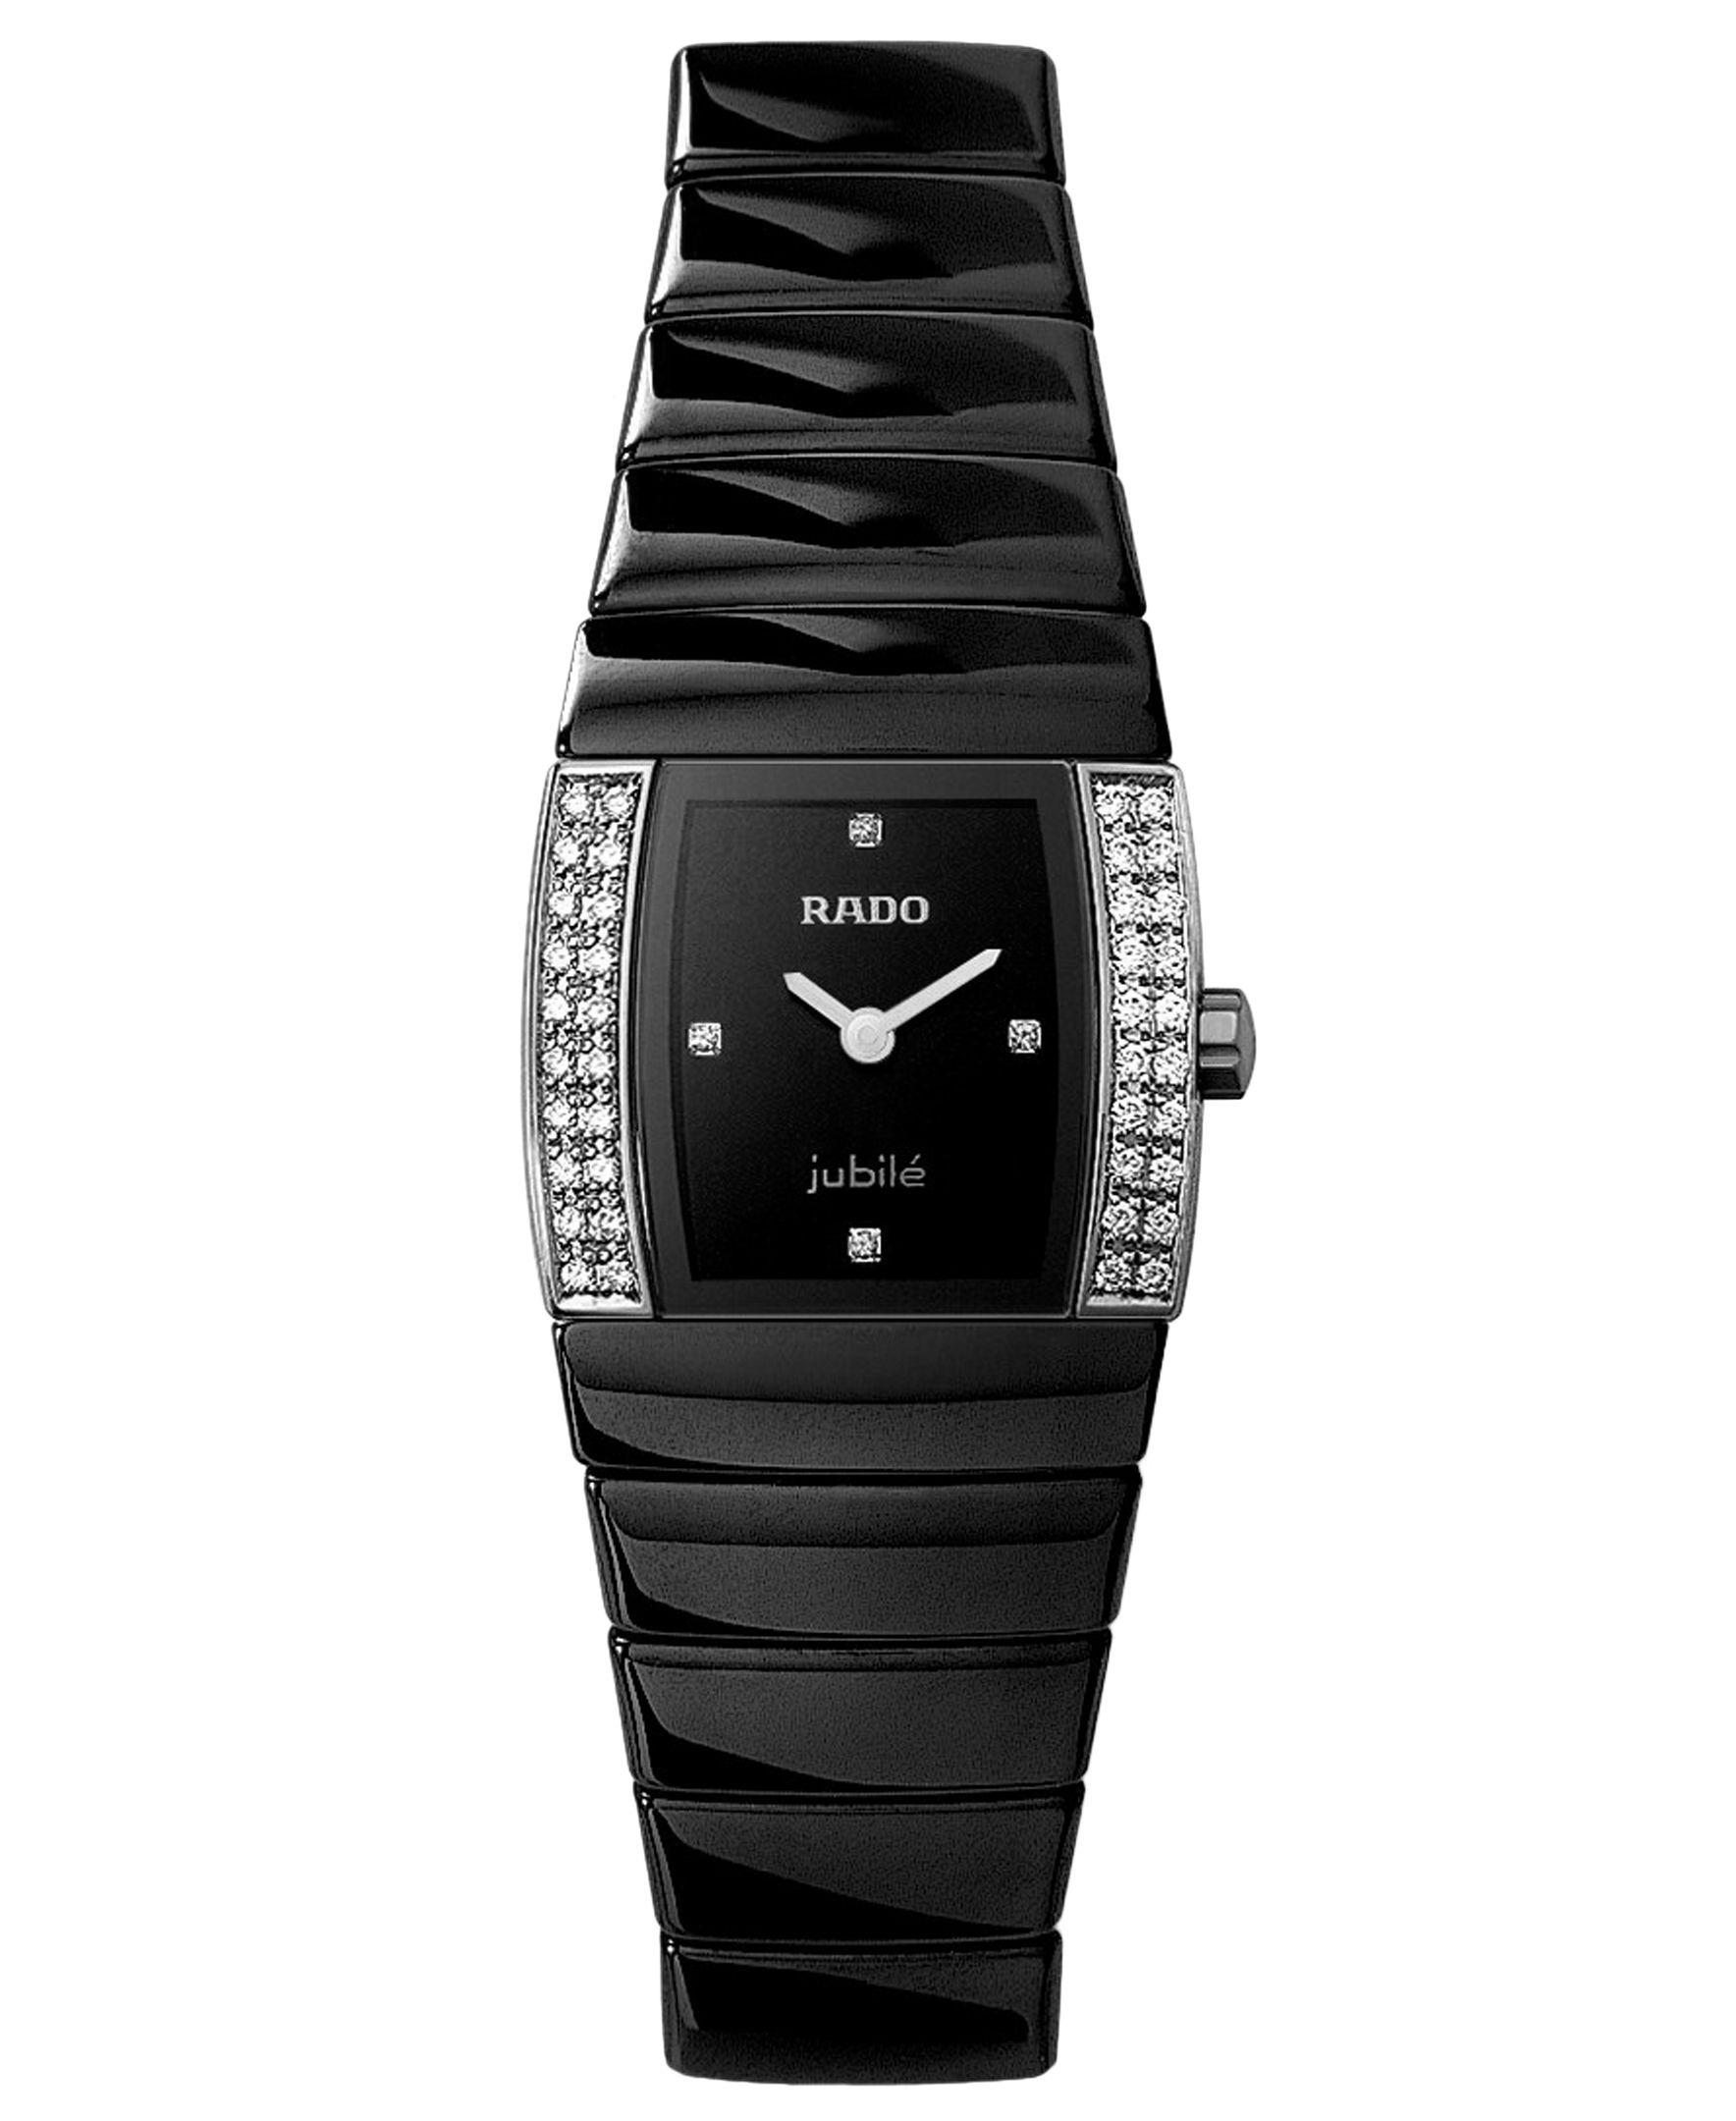 Rado Watch Women S Sintra Jubile Black Bracelet R13618712 Womens Watches Rado Watches Women Stylish Watches